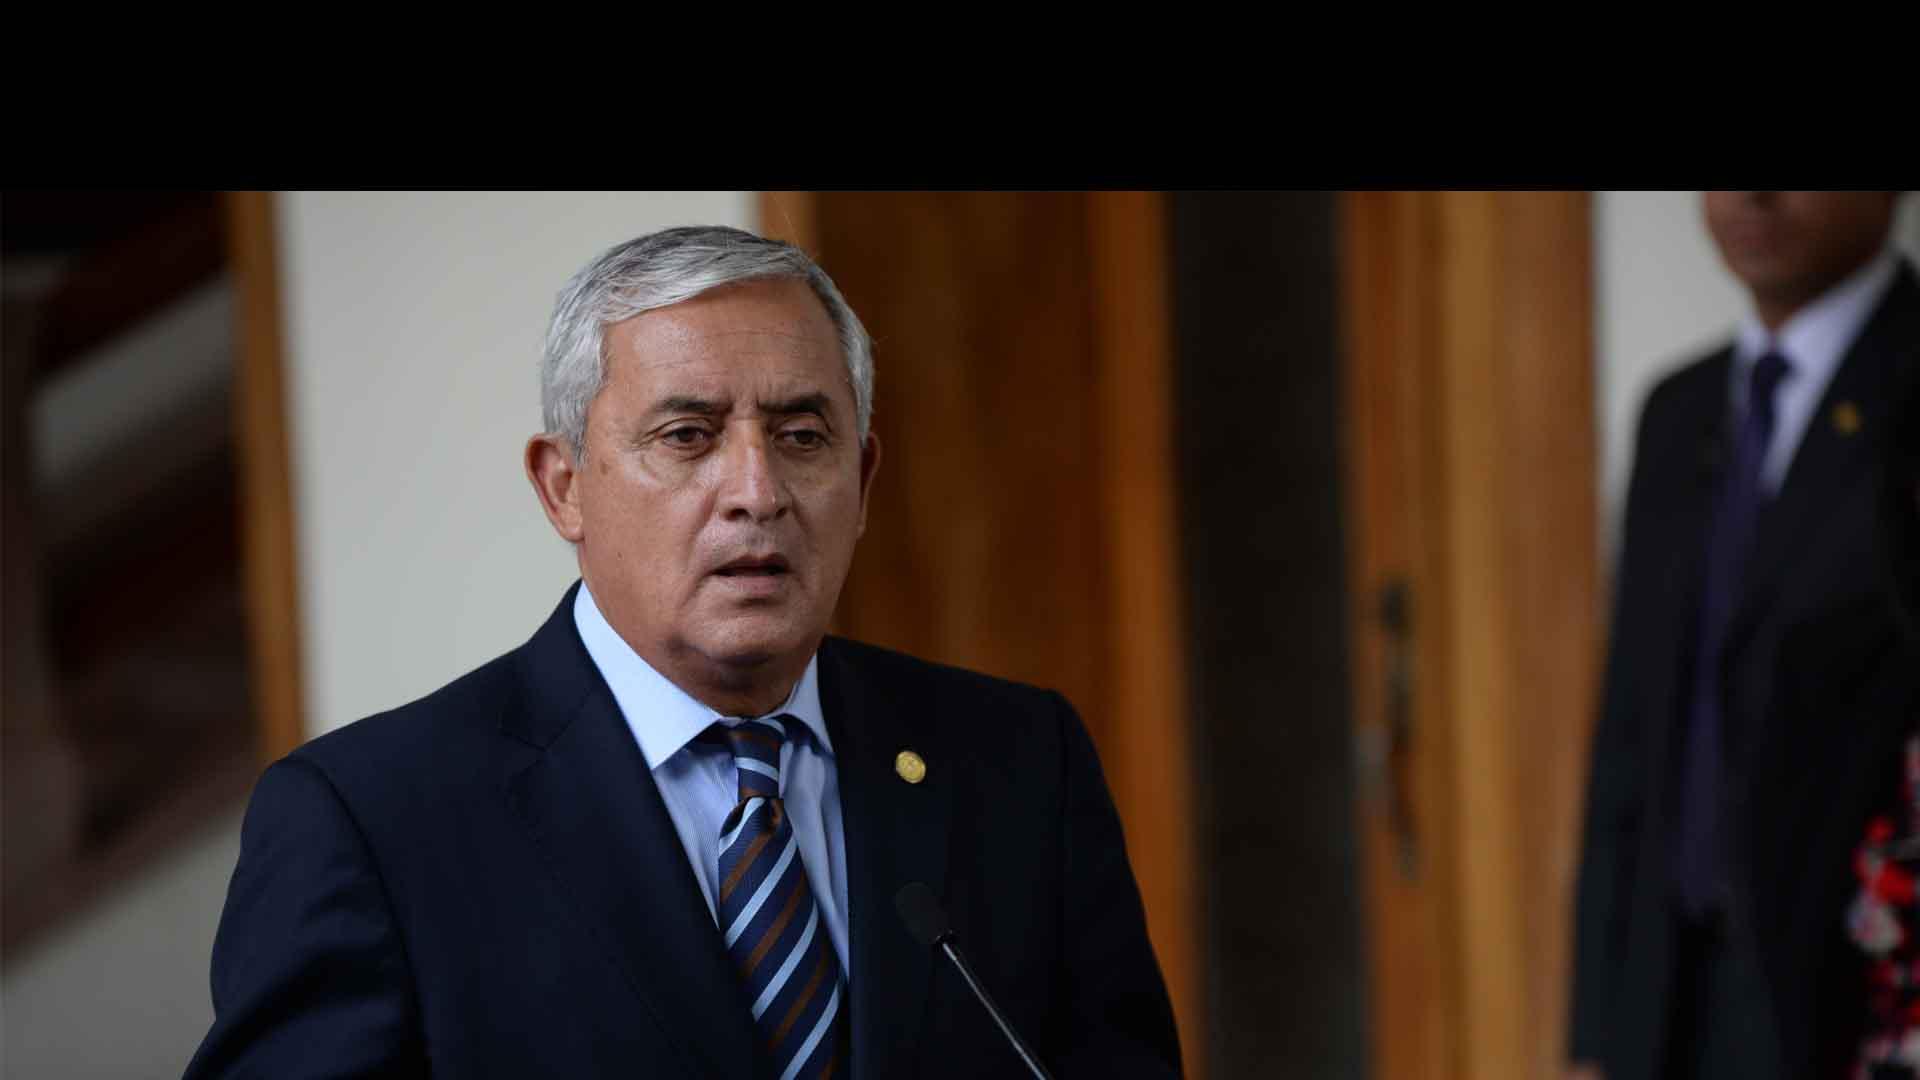 El ex presidente guatemalteco ha sido señalado como la cabeza del entramado de corrupción gubernamental de 2012-2015